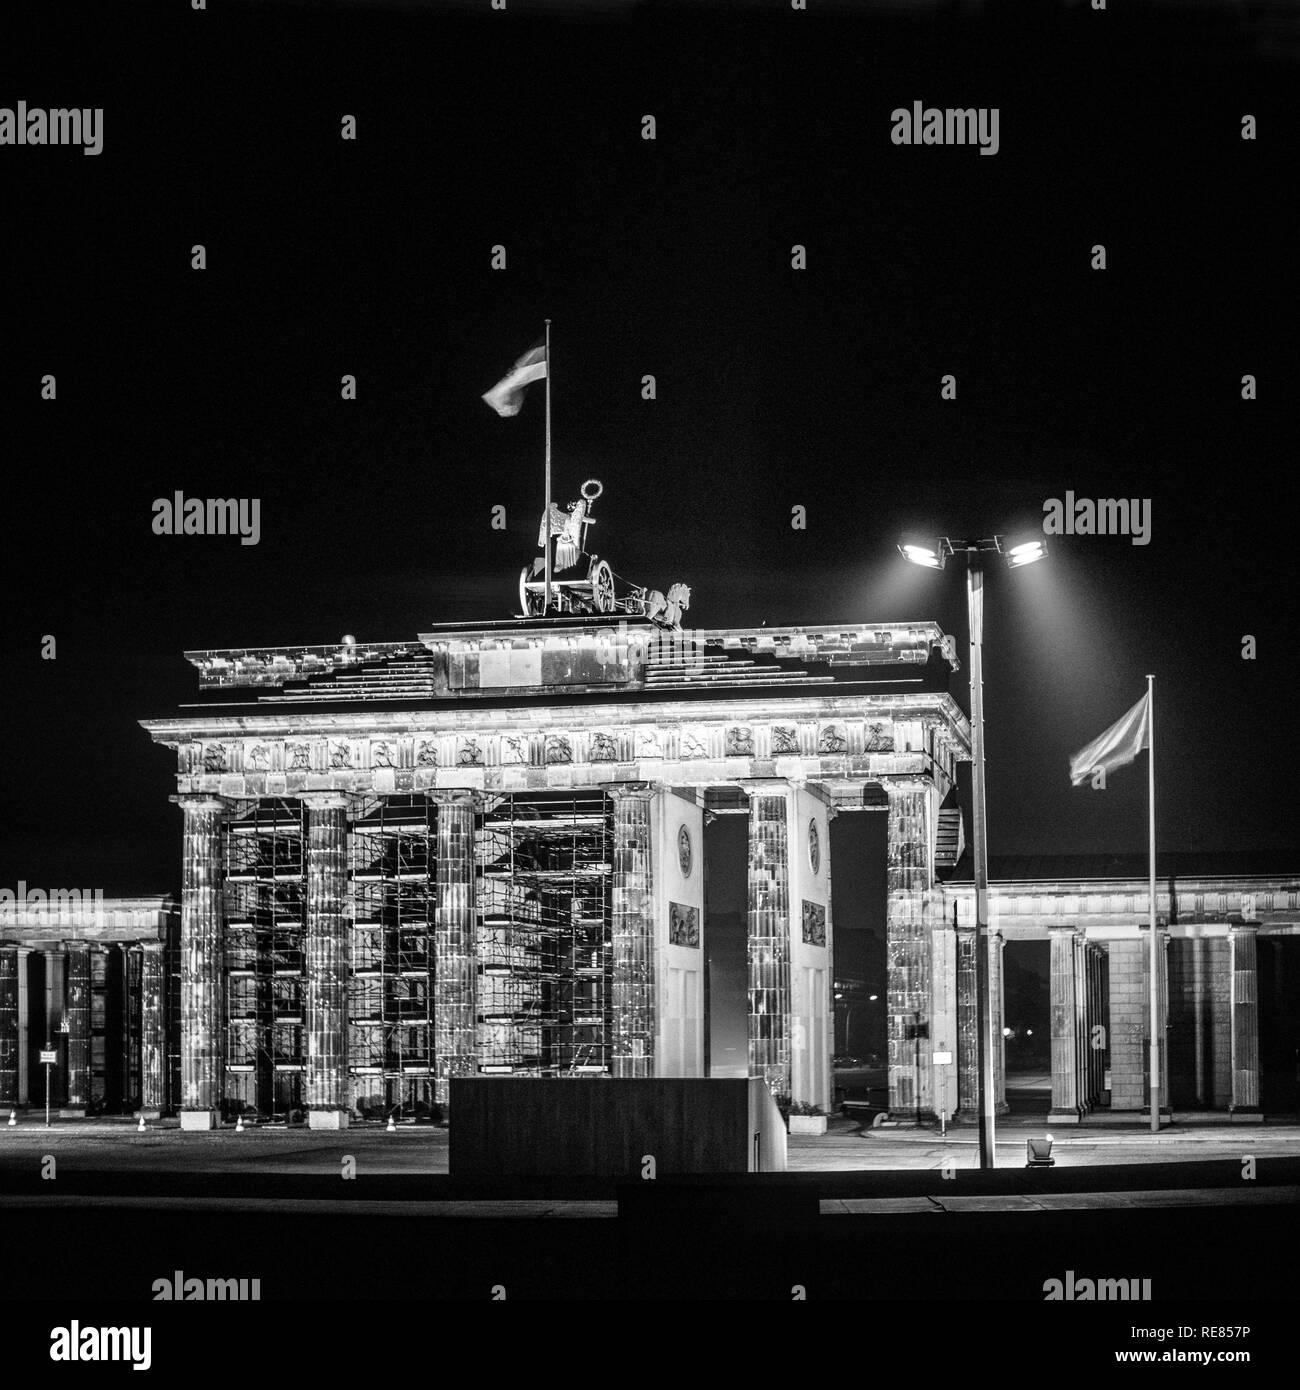 Agosto 1986, illuminato Porta di Brandeburgo di notte a Berlino Est, Ovest lato di Berlino, Germania, Europa Immagini Stock